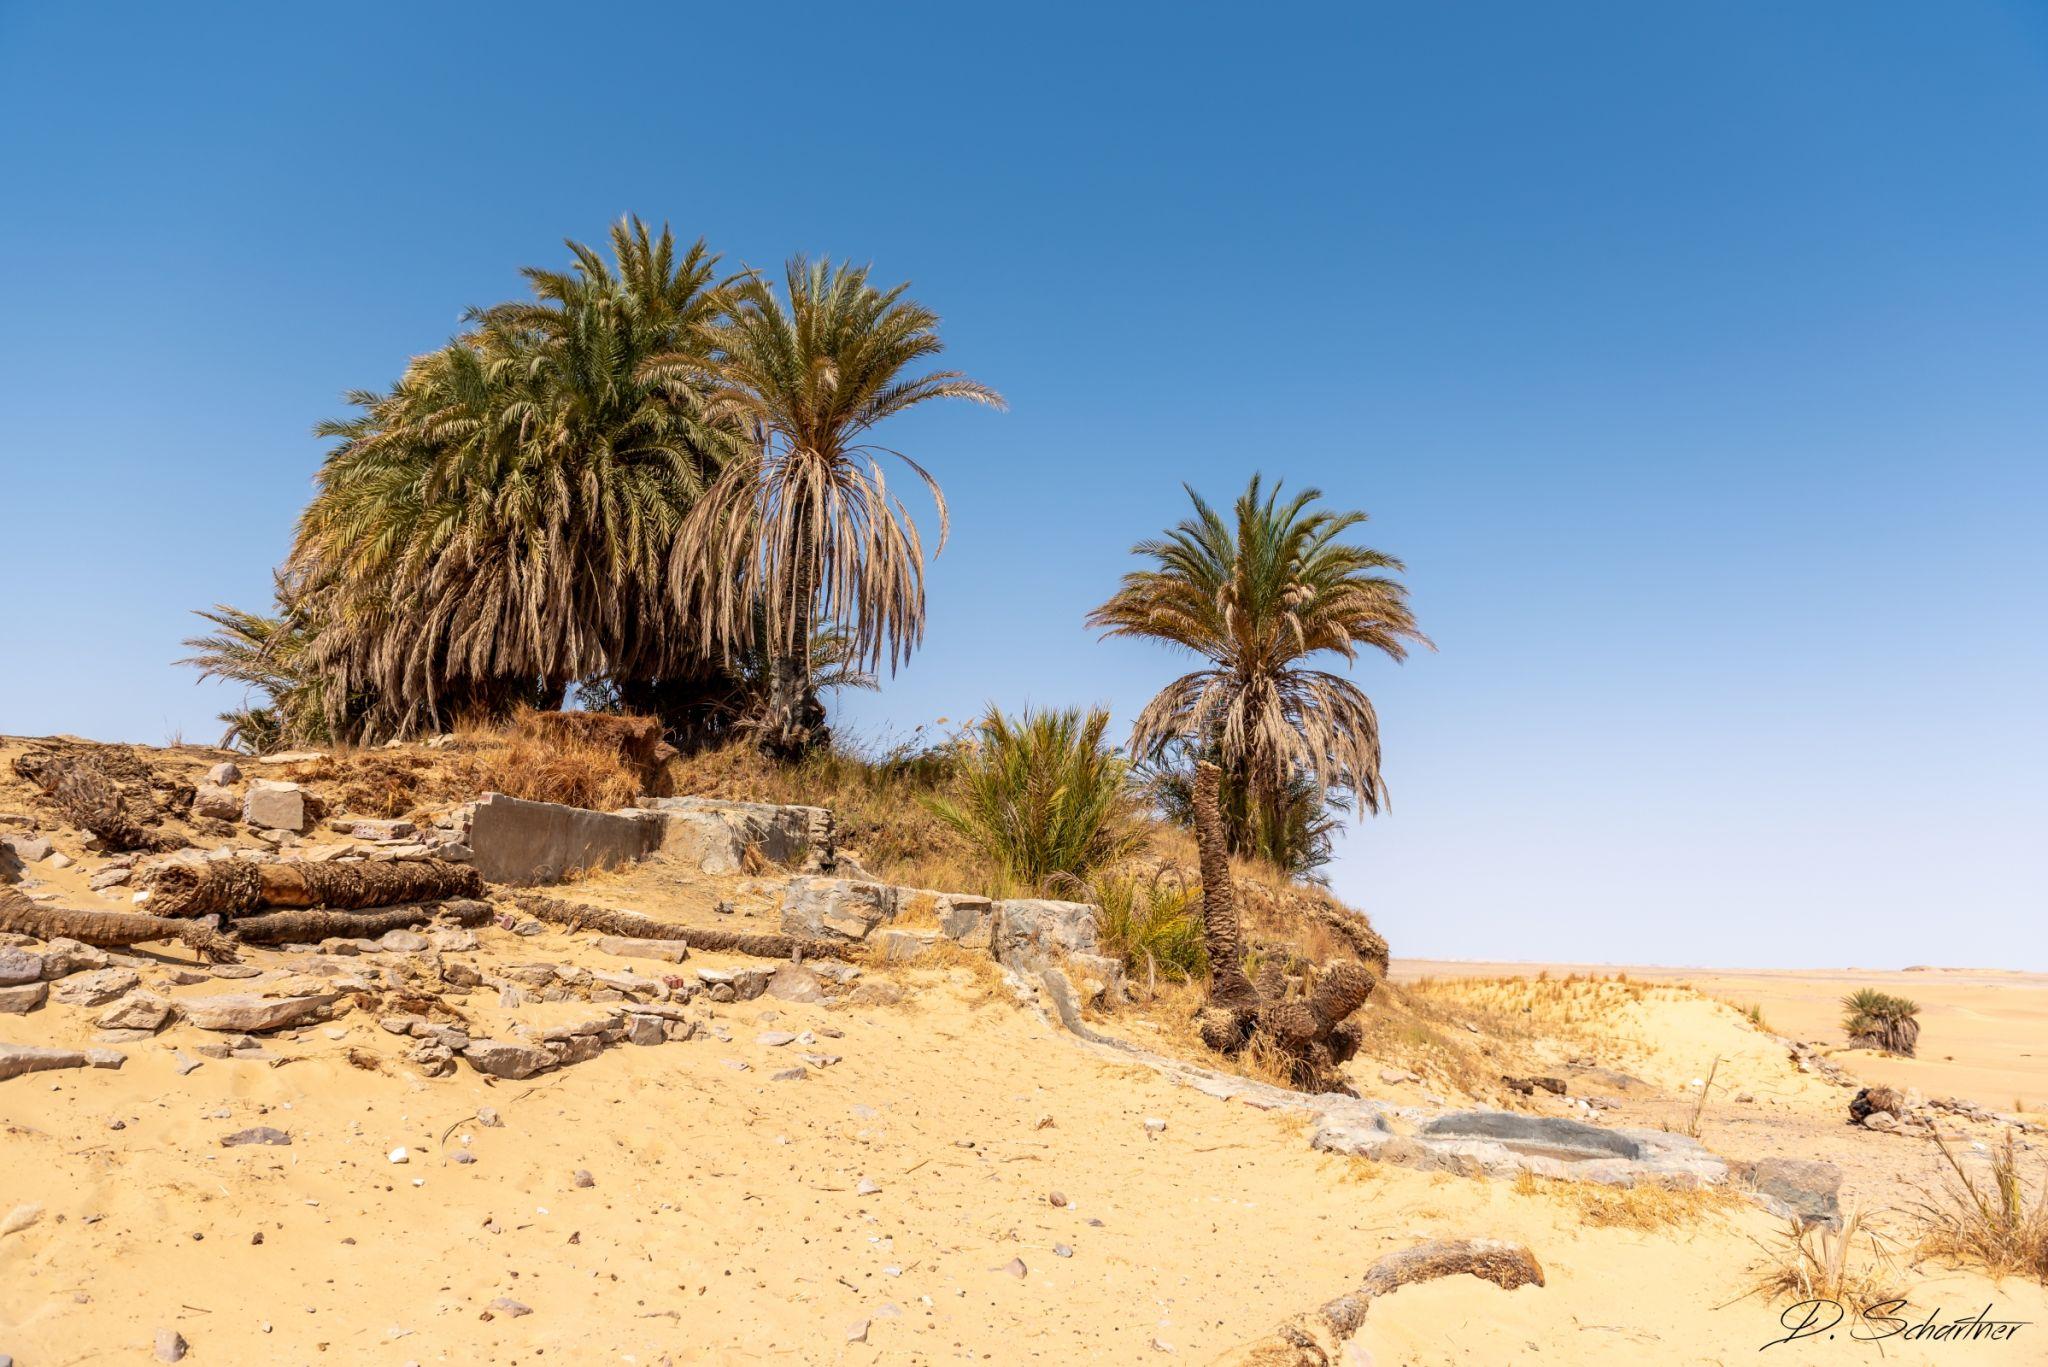 Oasis in the desert, Egypt